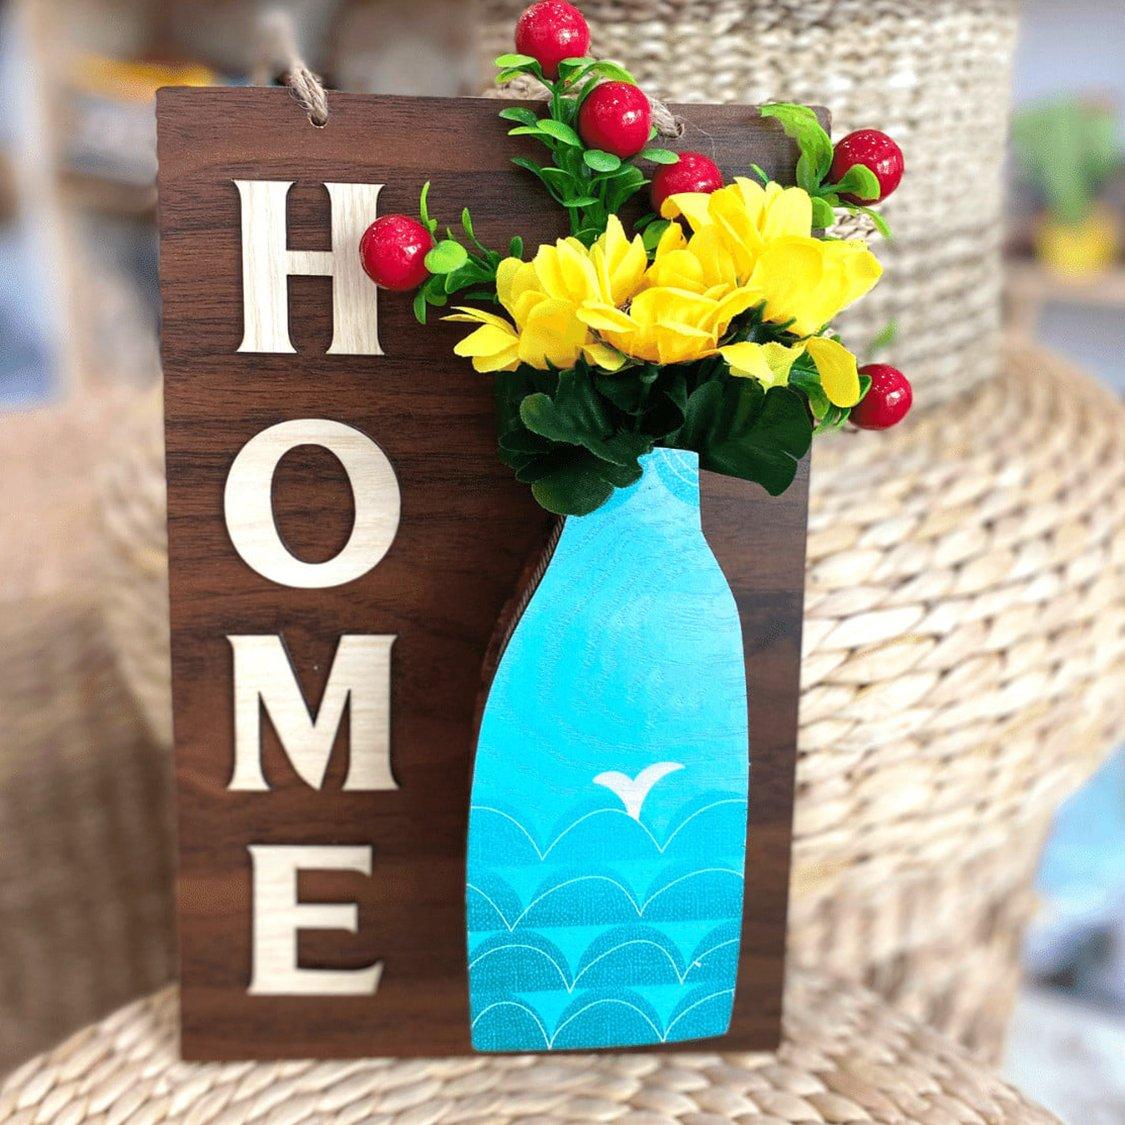 Bảng gỗ handmade trang trí nhà Home mẫu 07